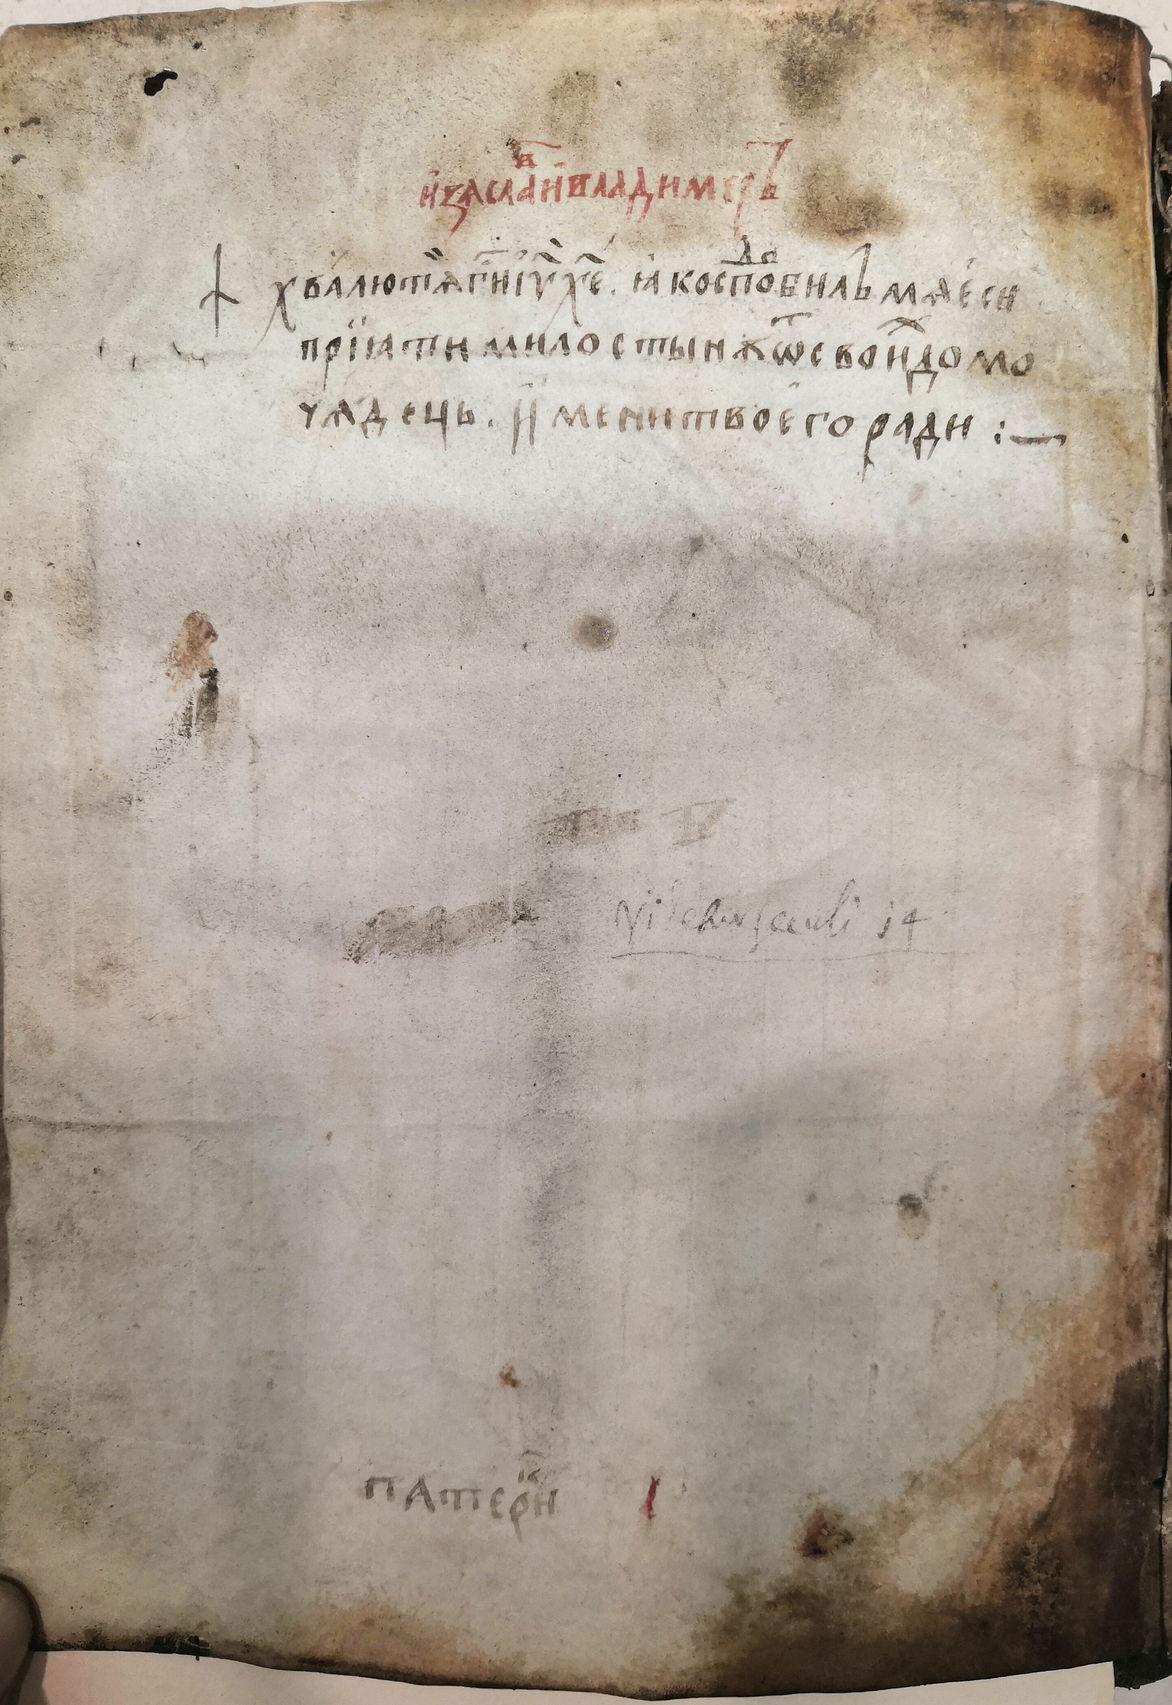 Синайский Патерик. Последняя треть XI в. ГИМ, Син. 551. Л. 2 об. – 3. Лист с записью о подарке этой книги.